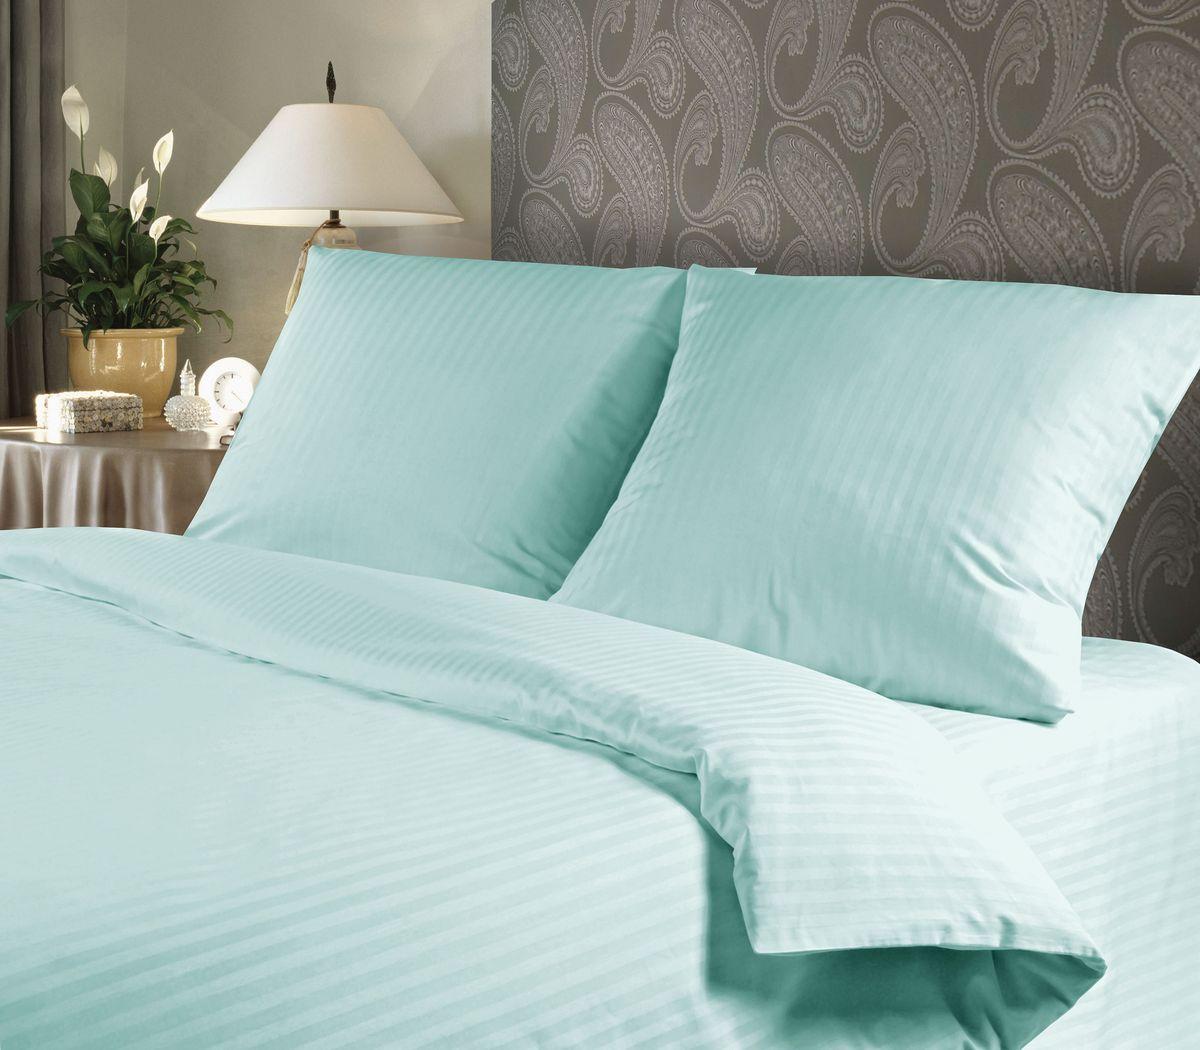 Комплект белья Verossa Вlue Sky, 1,5-спальный, наволочки 50х70711210